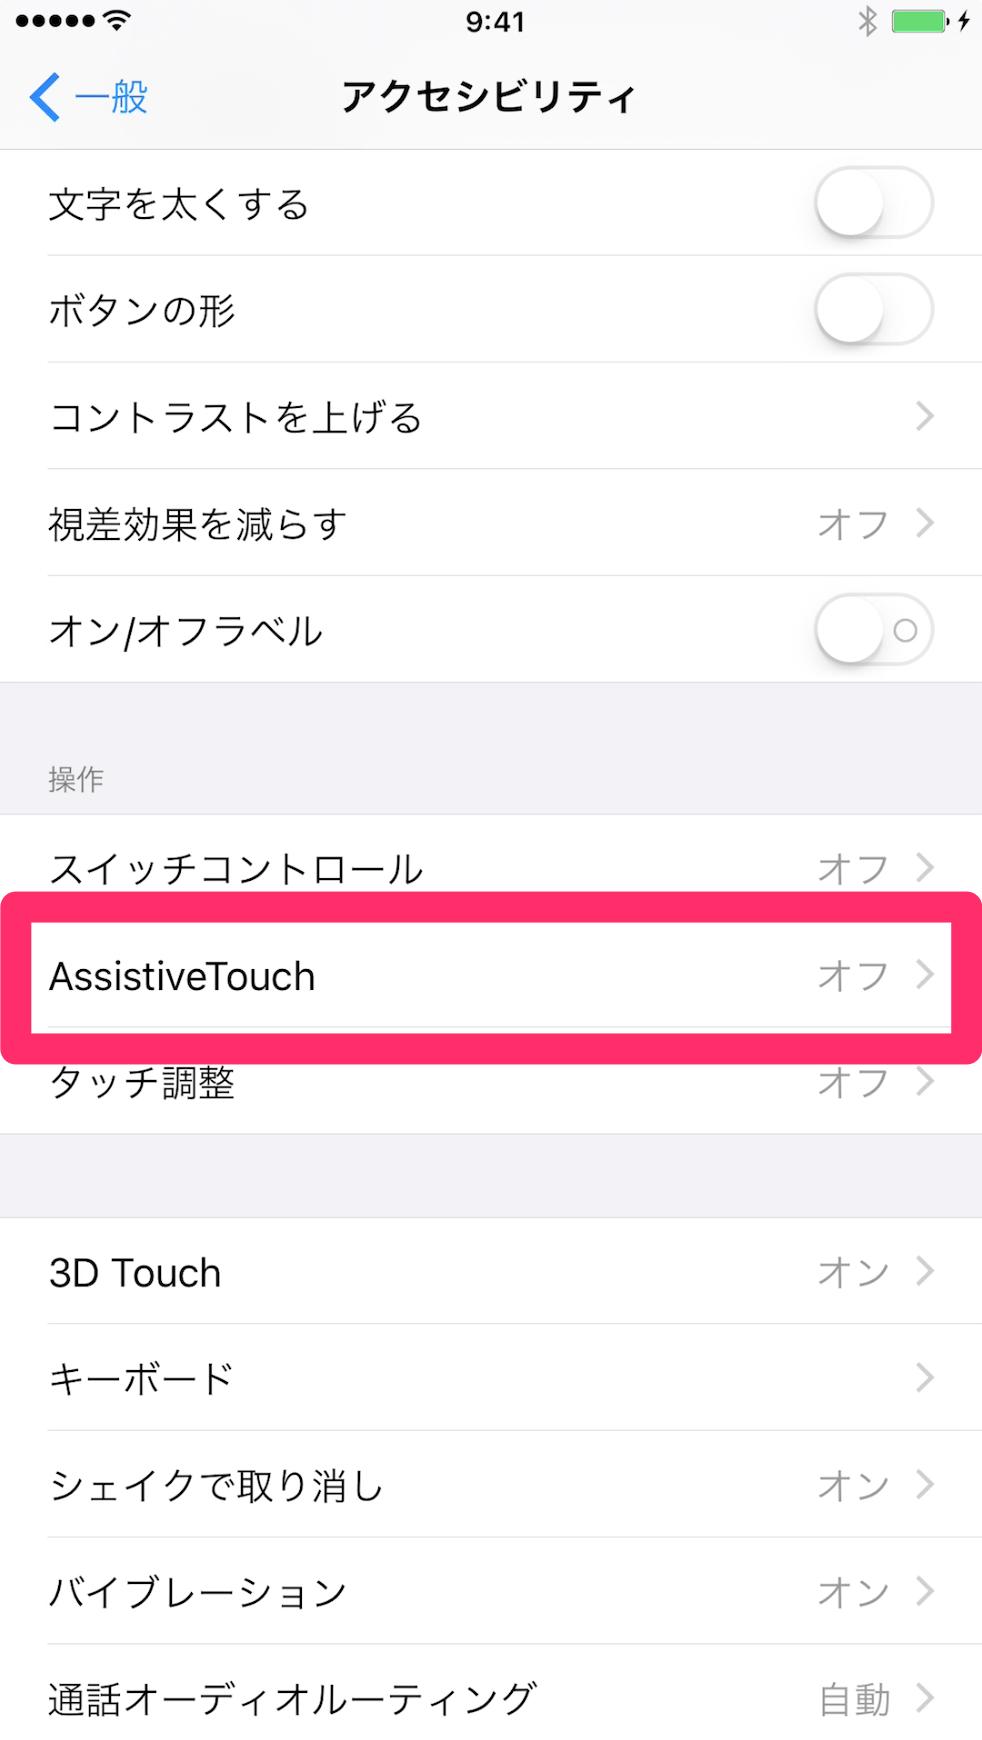 iPhoneのホーム画面などで見慣れないアイコンが(AssistiveTouch)